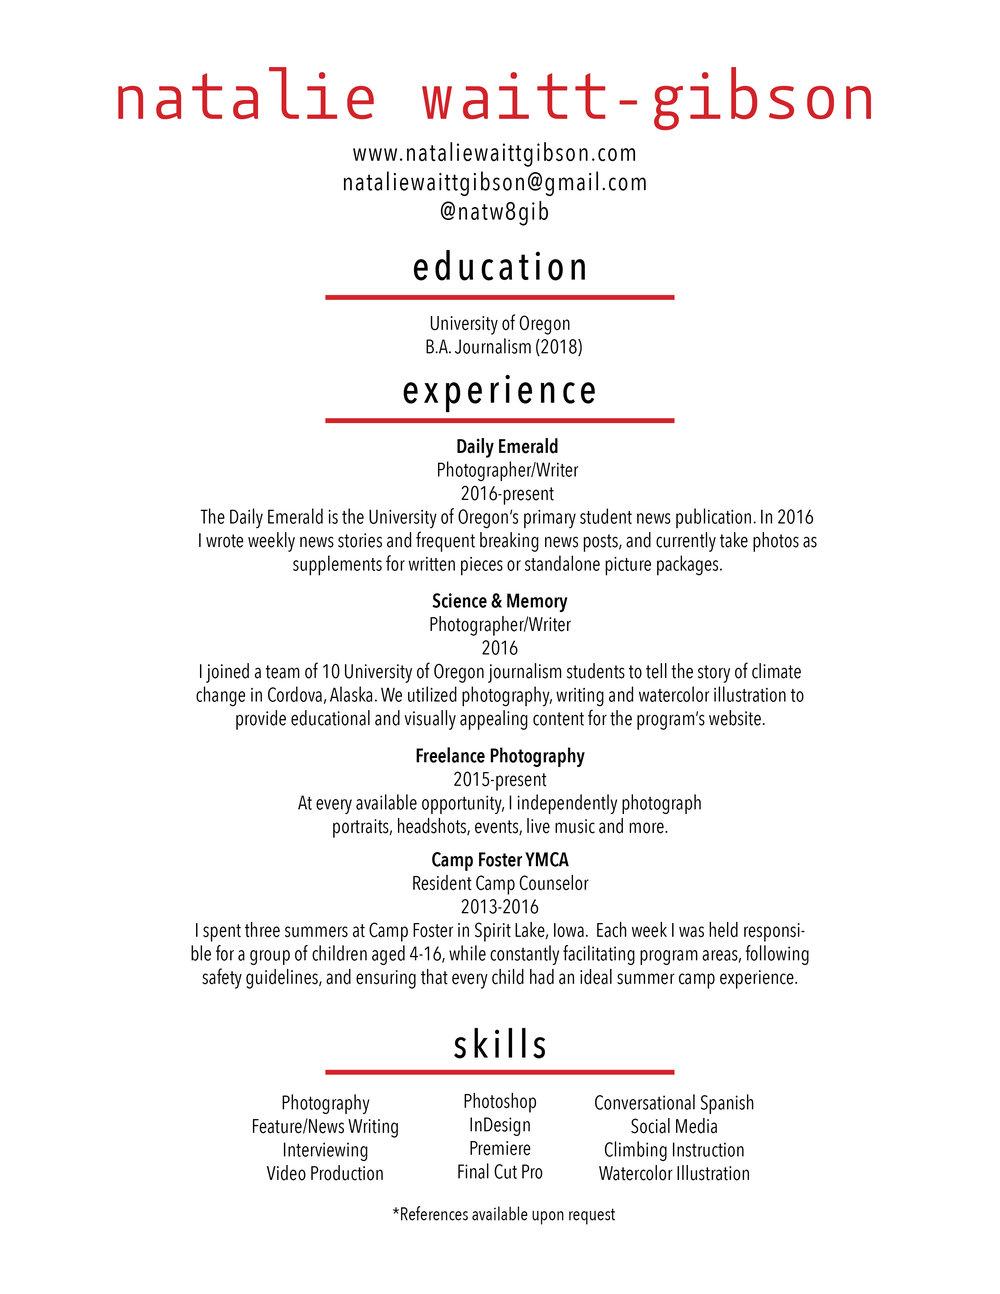 Resume Dec 2017 JPG.jpg